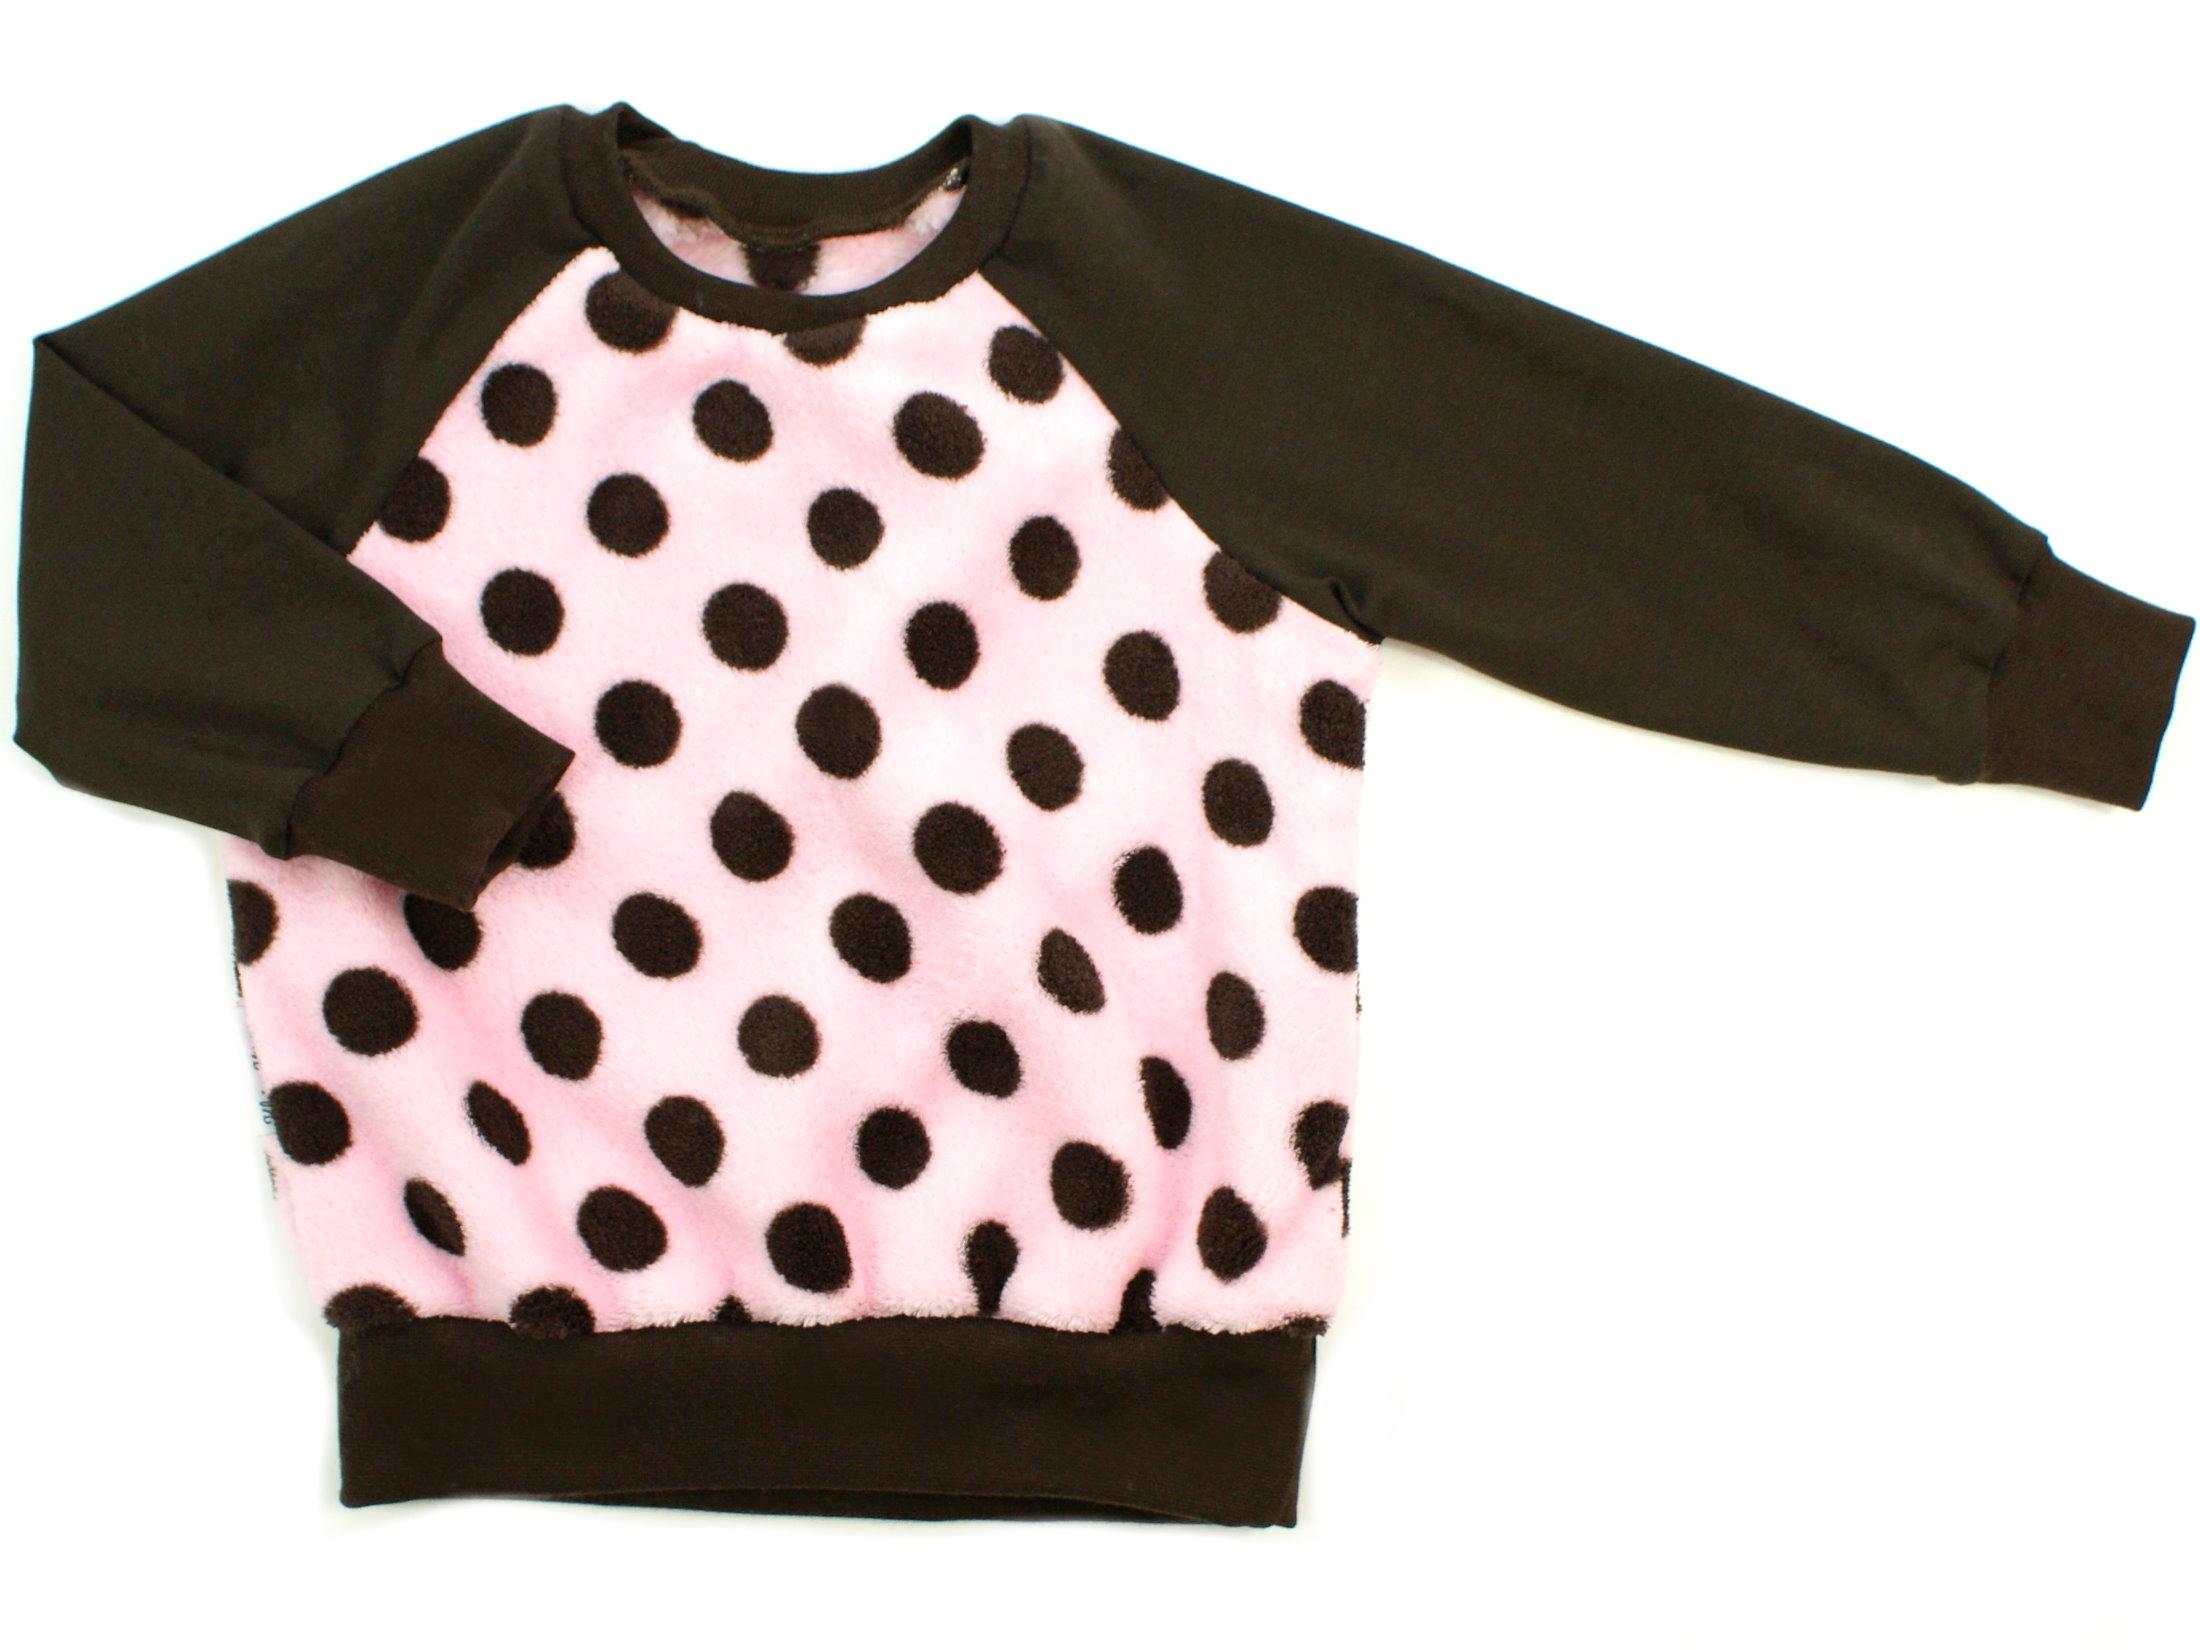 """Kinder Pullover """"Große Punkte"""" rosa braun aus Kuschelfleece"""